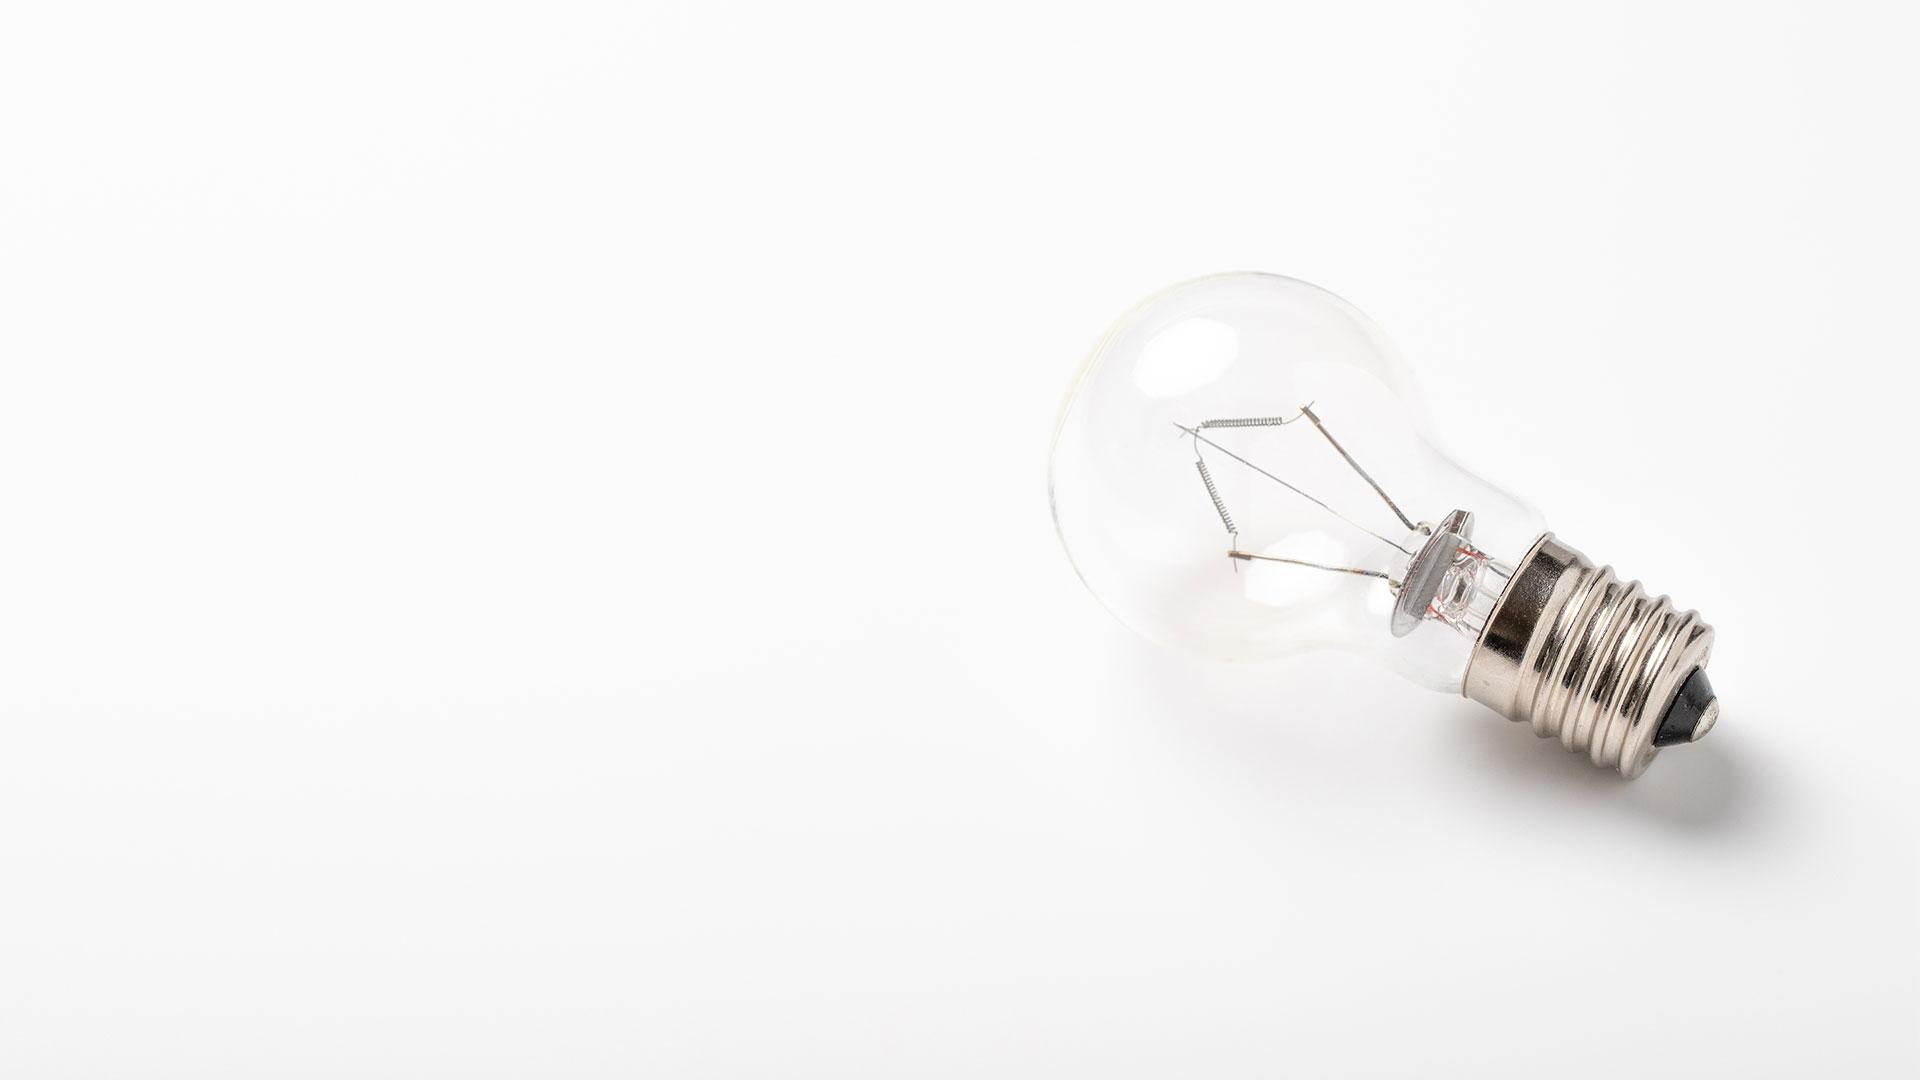 九州電力の電気料金はいくら?料金プランは7種類